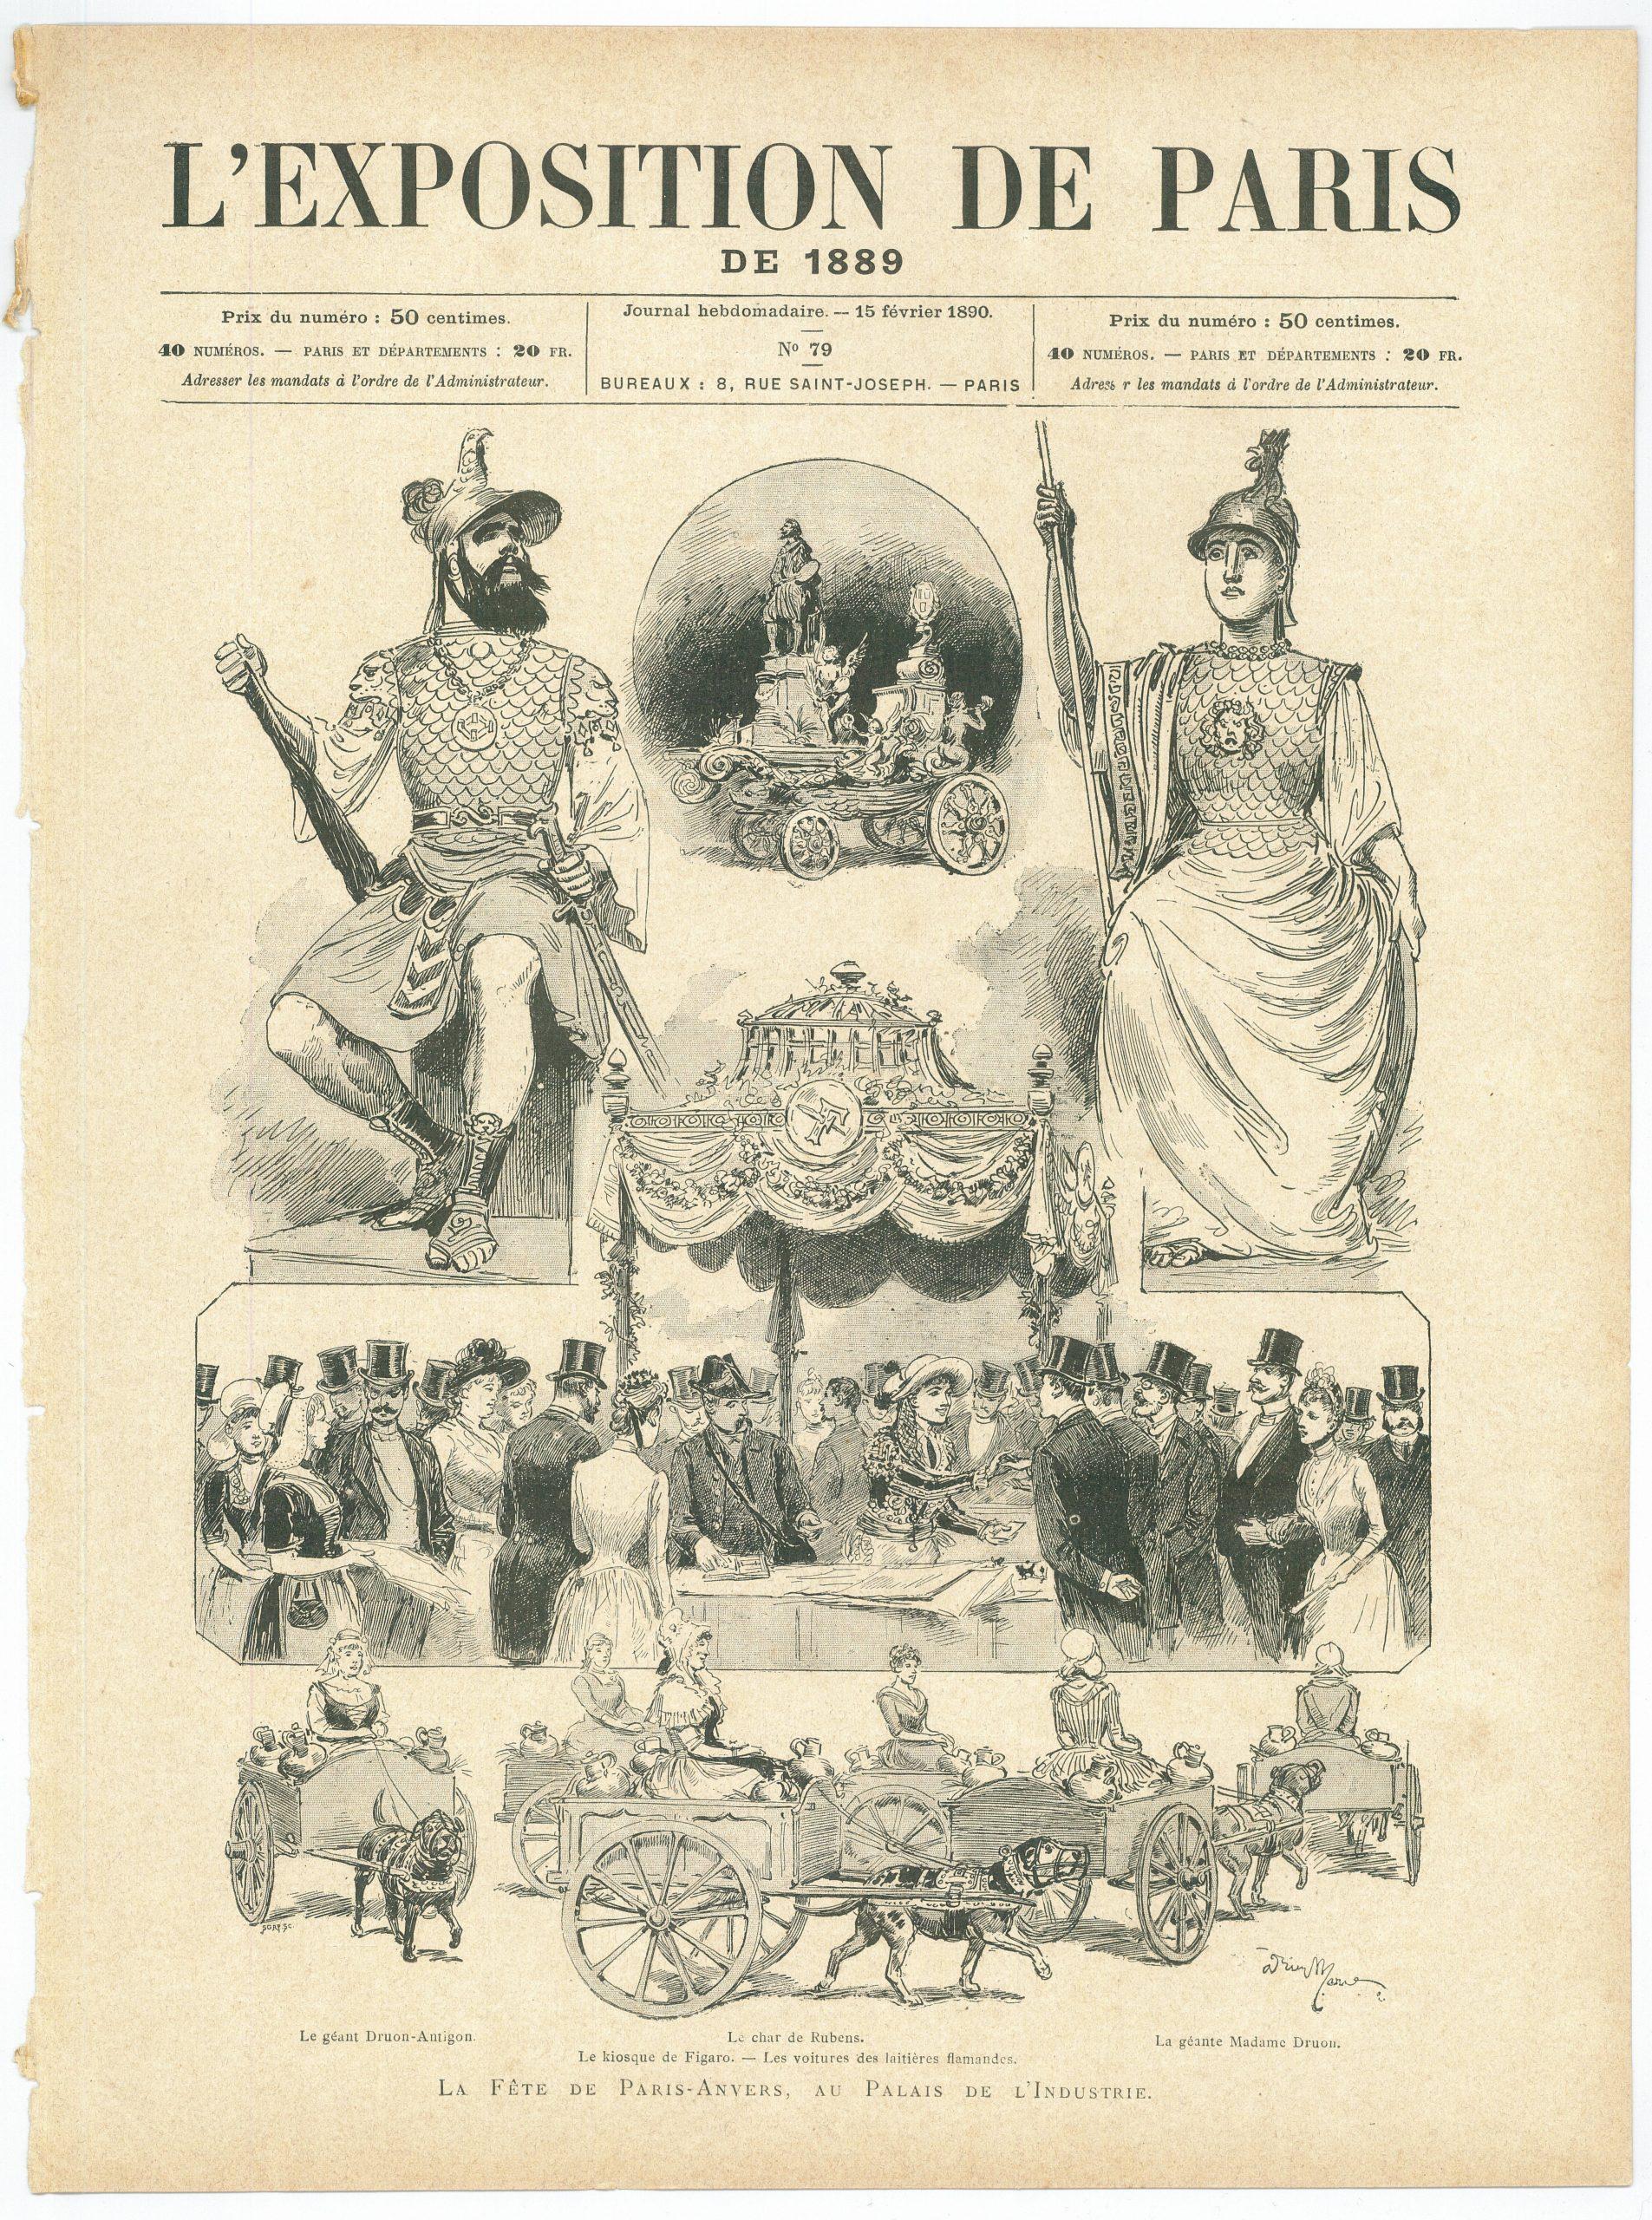 File:l'exposition De Paris De 1889 No79 Page 305 encequiconcerne Numéro Des Départements